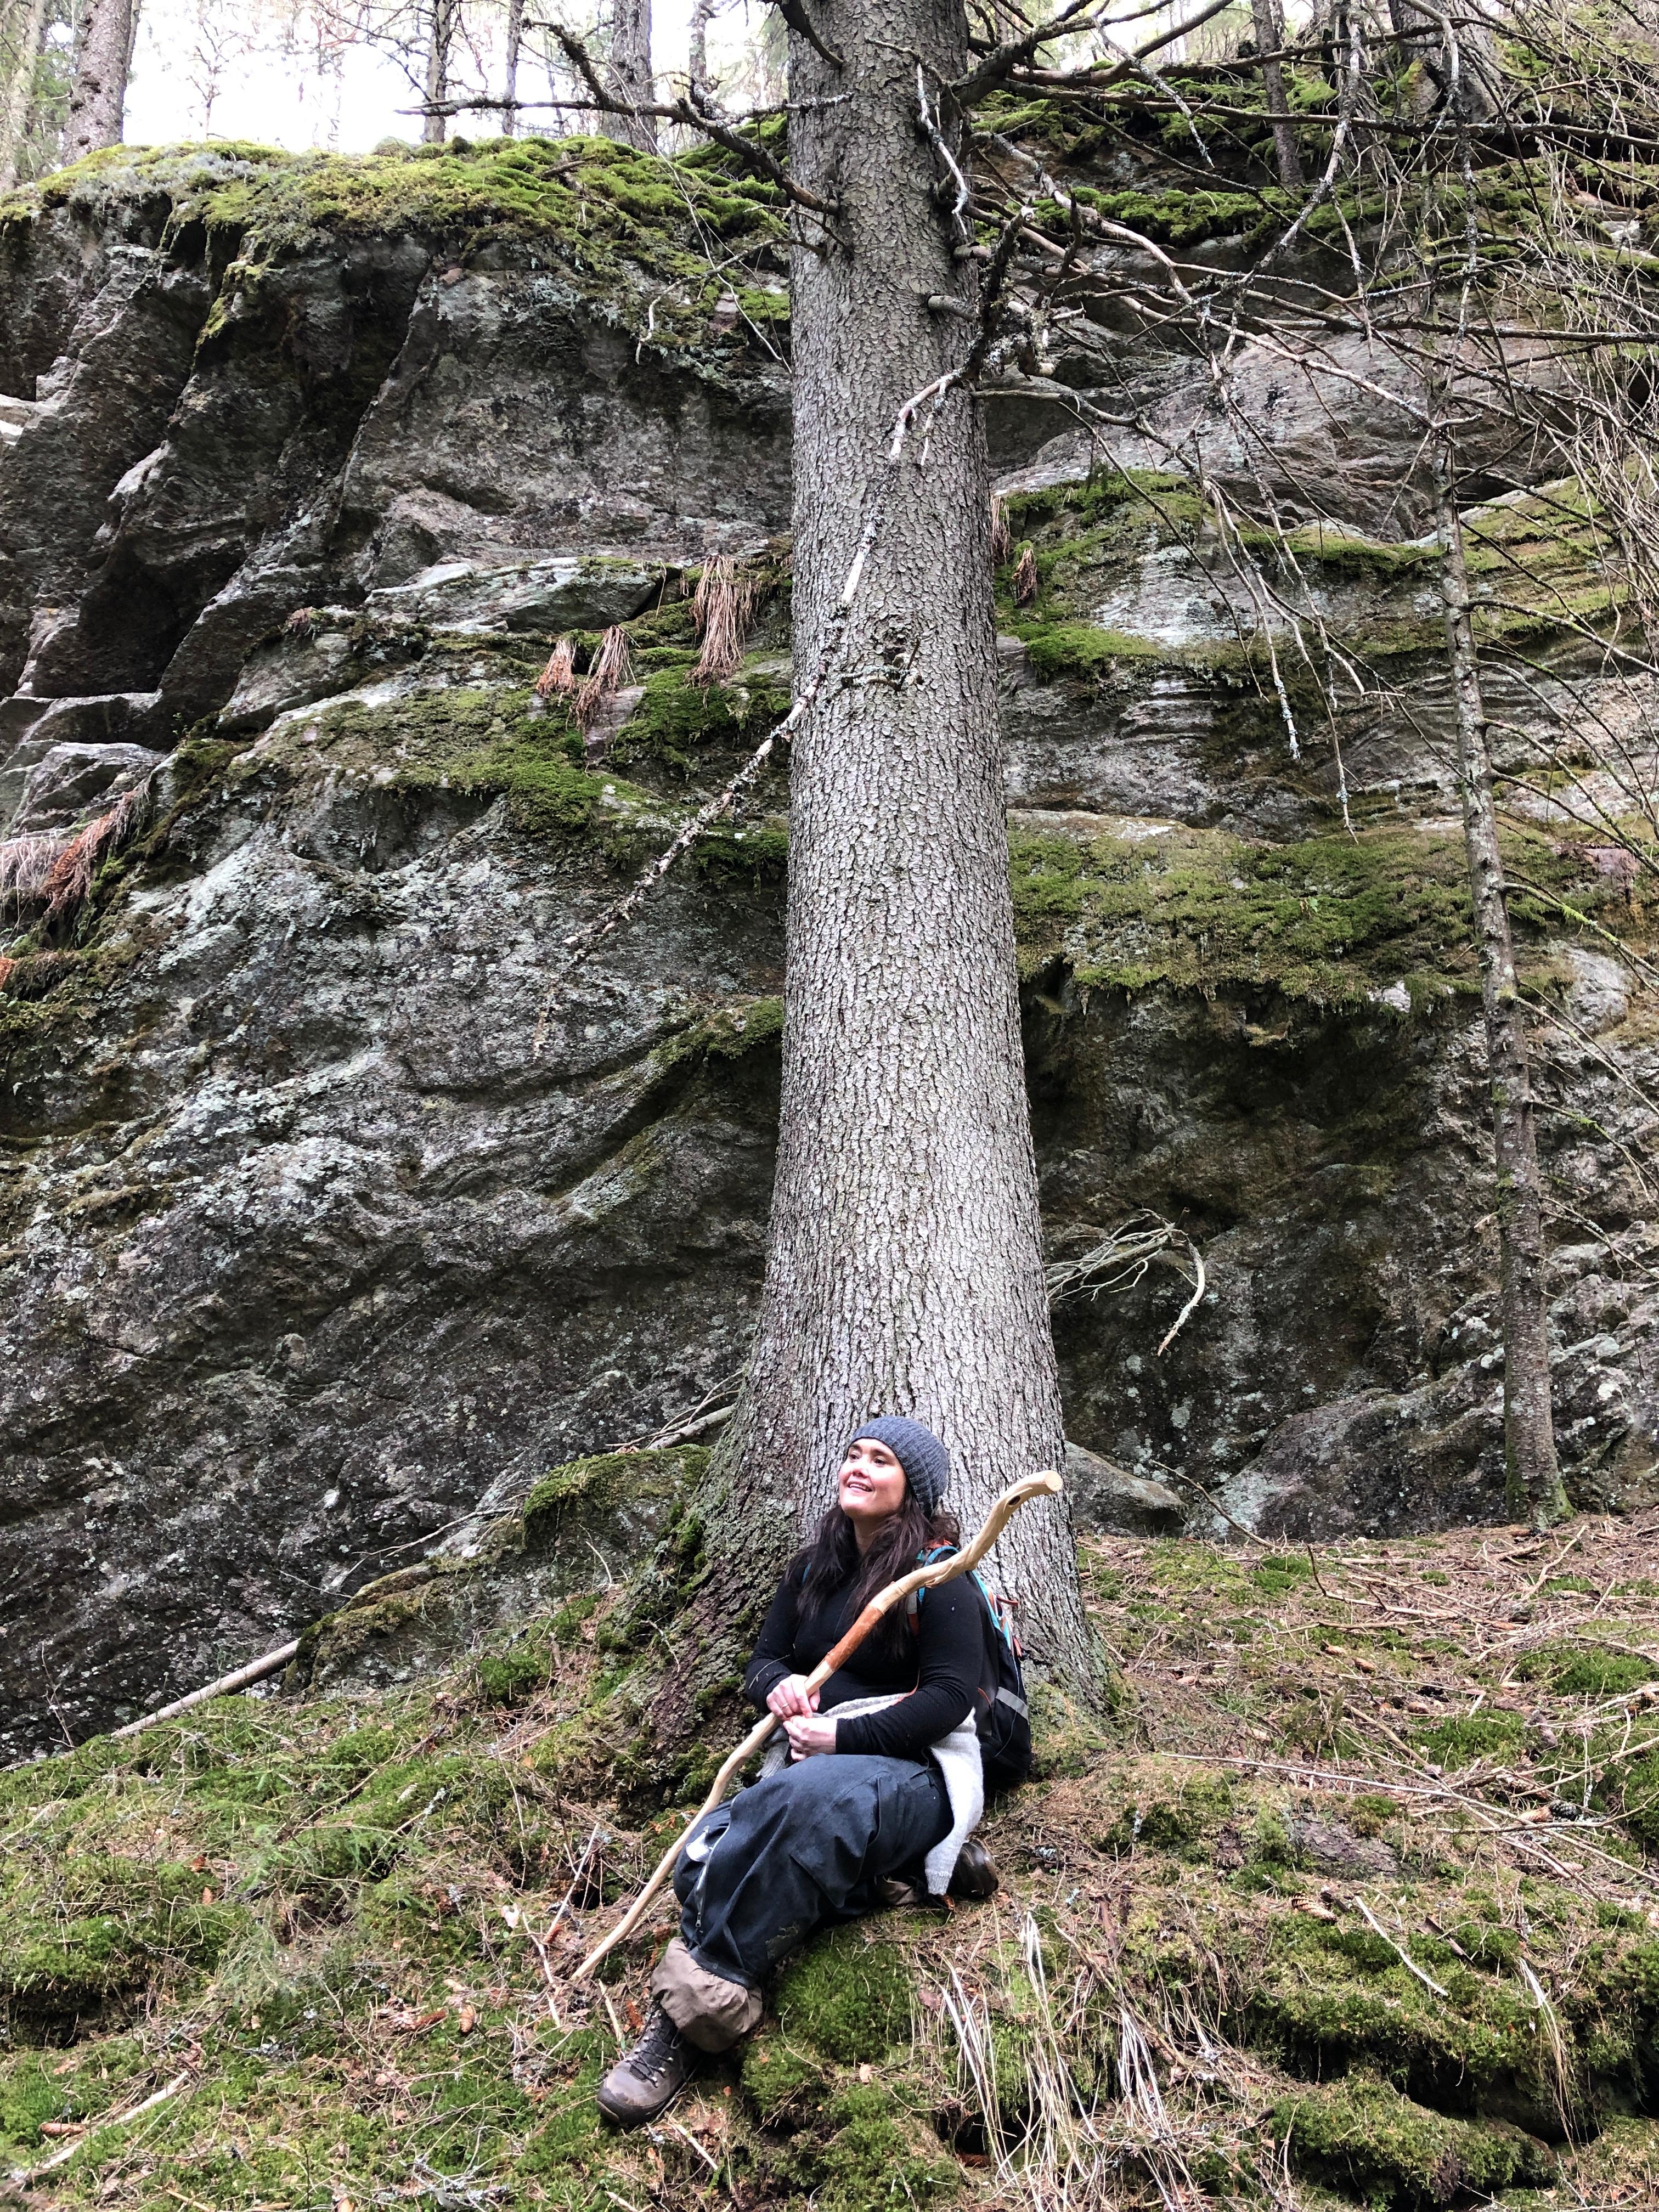 skoger dating steder